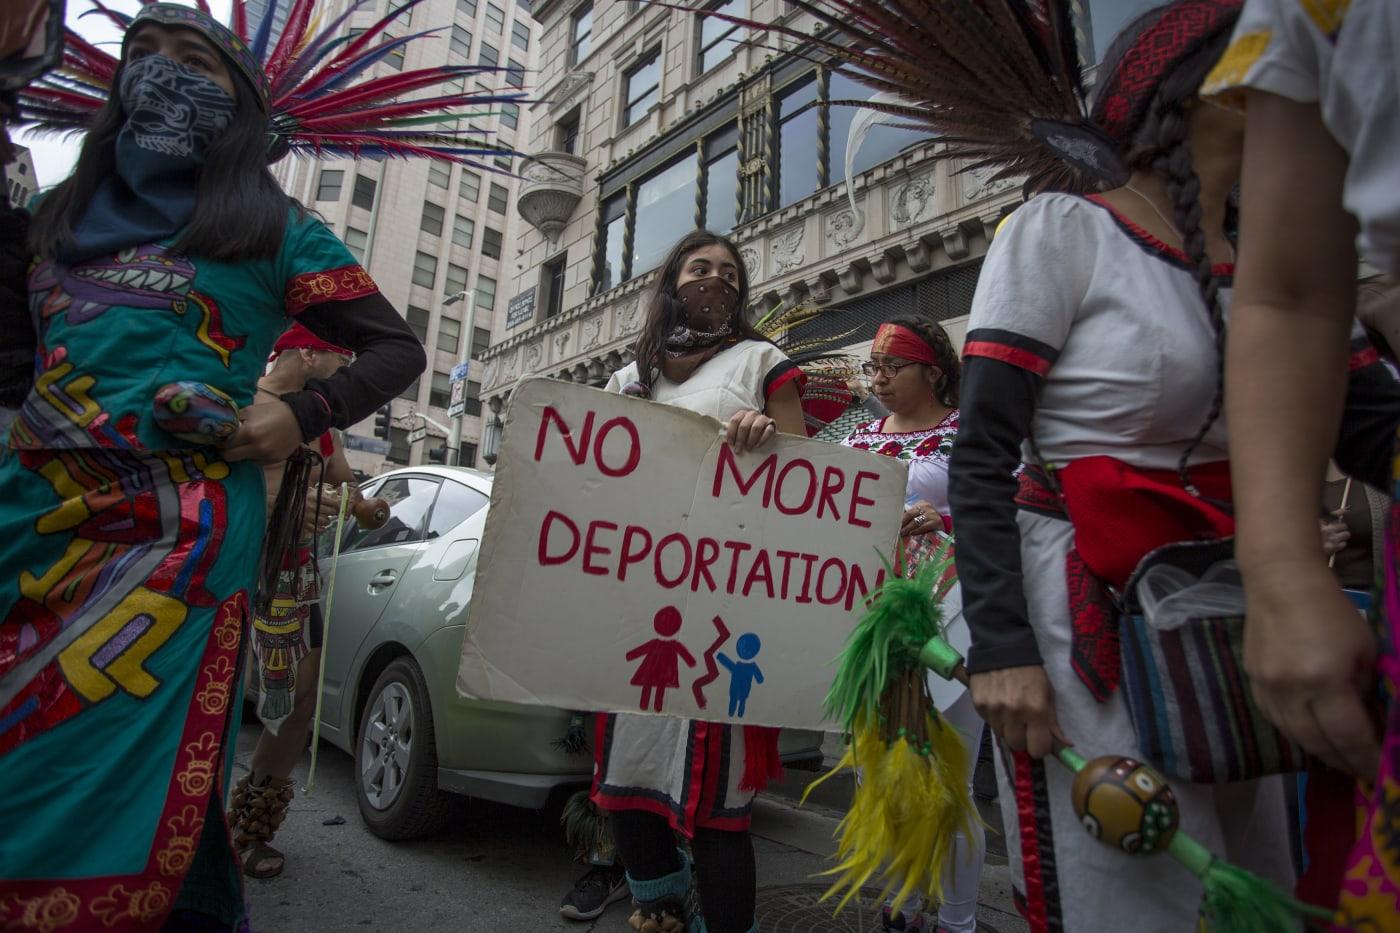 no more deportation protest sign